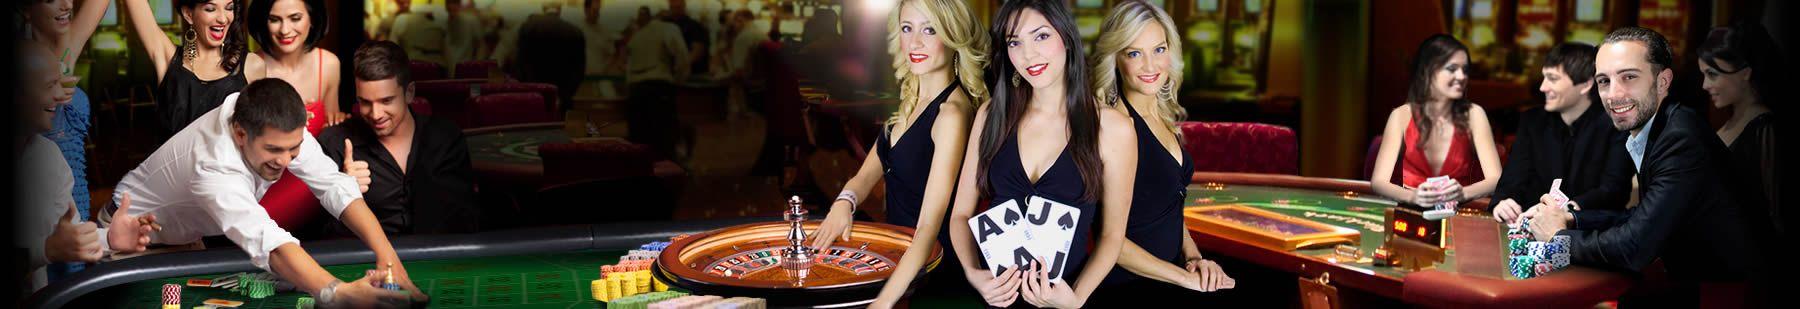 pocketwin-mobile-casino-billboard-free-roulette-trial